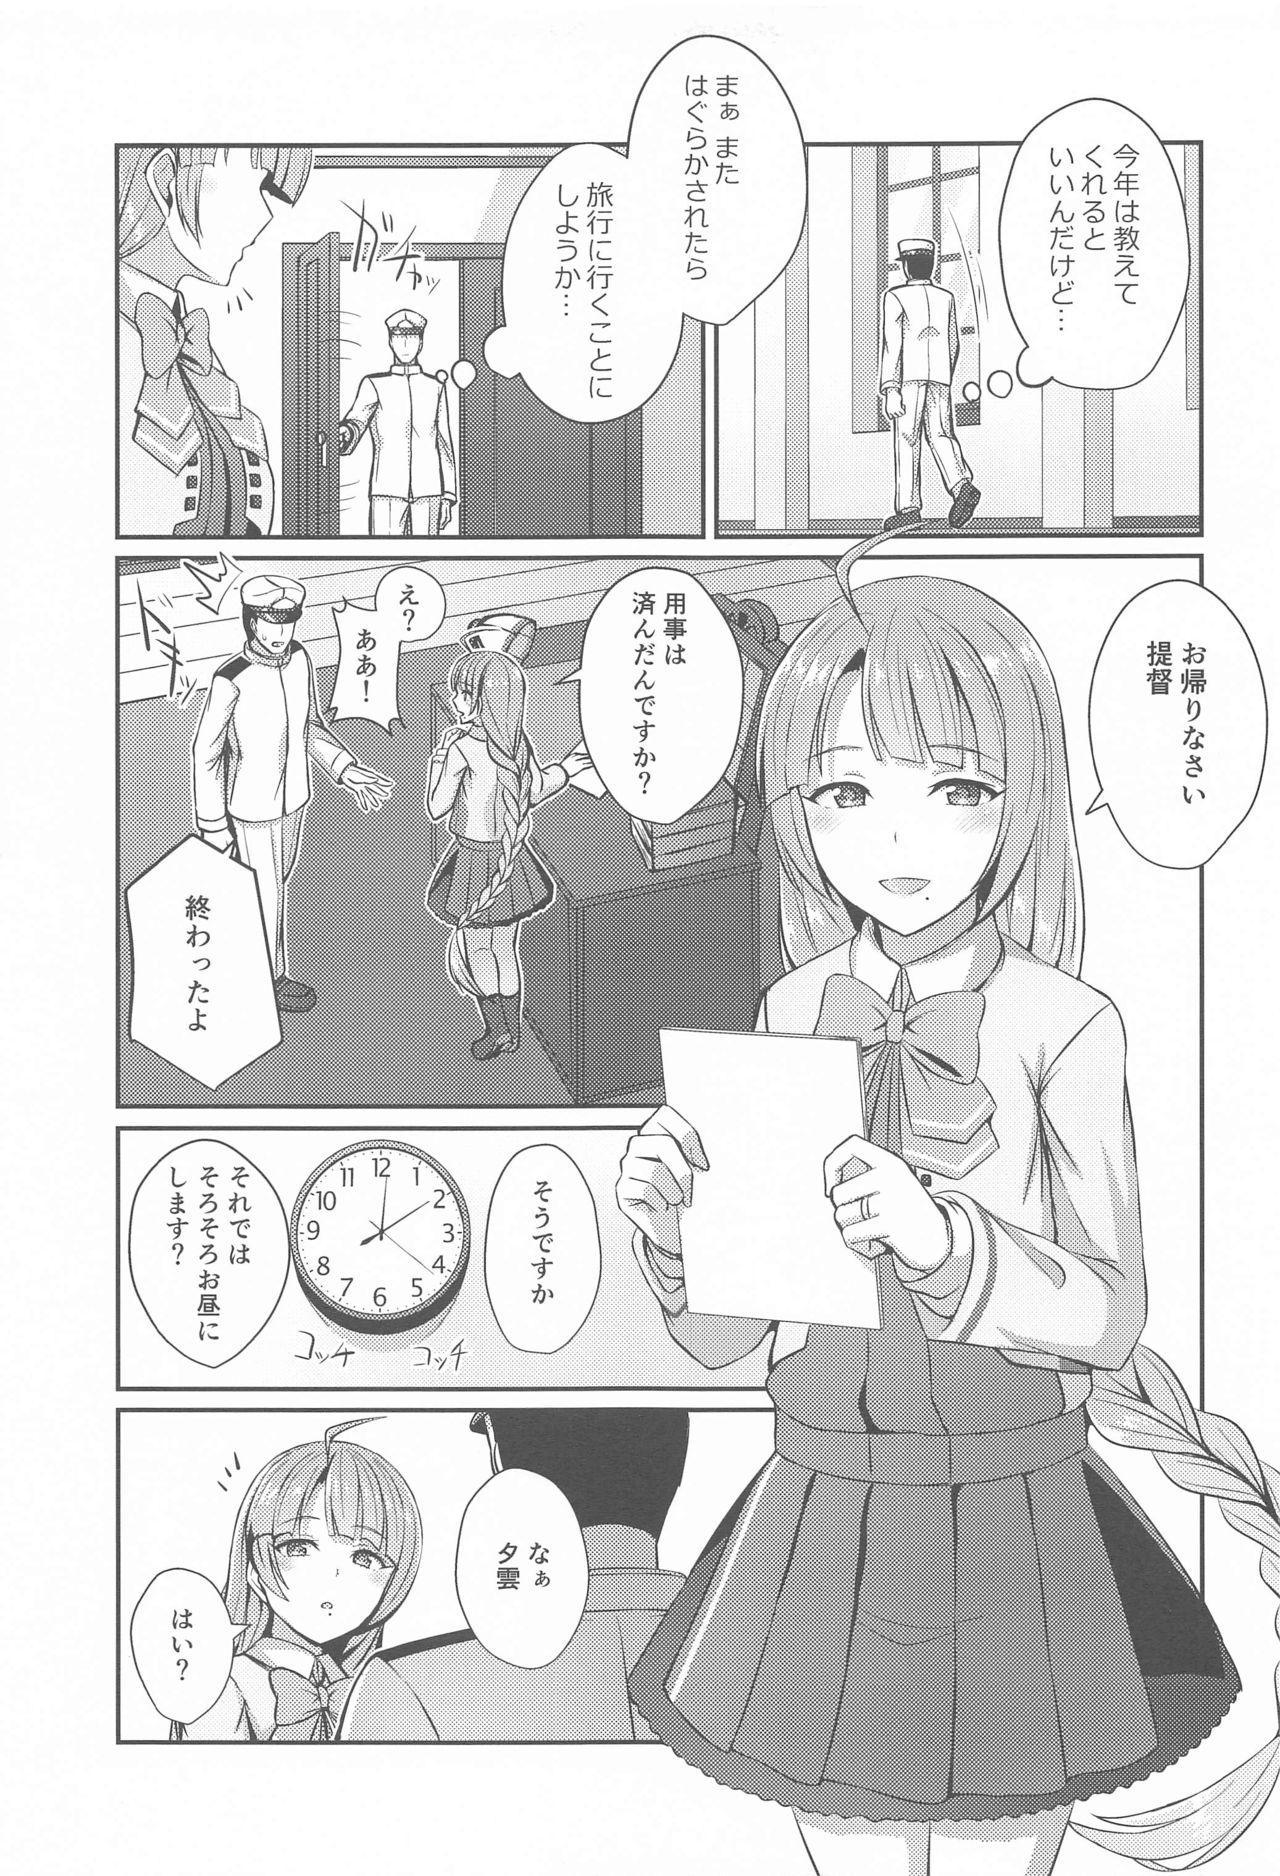 Yuugumo no Hoshii Mono 3